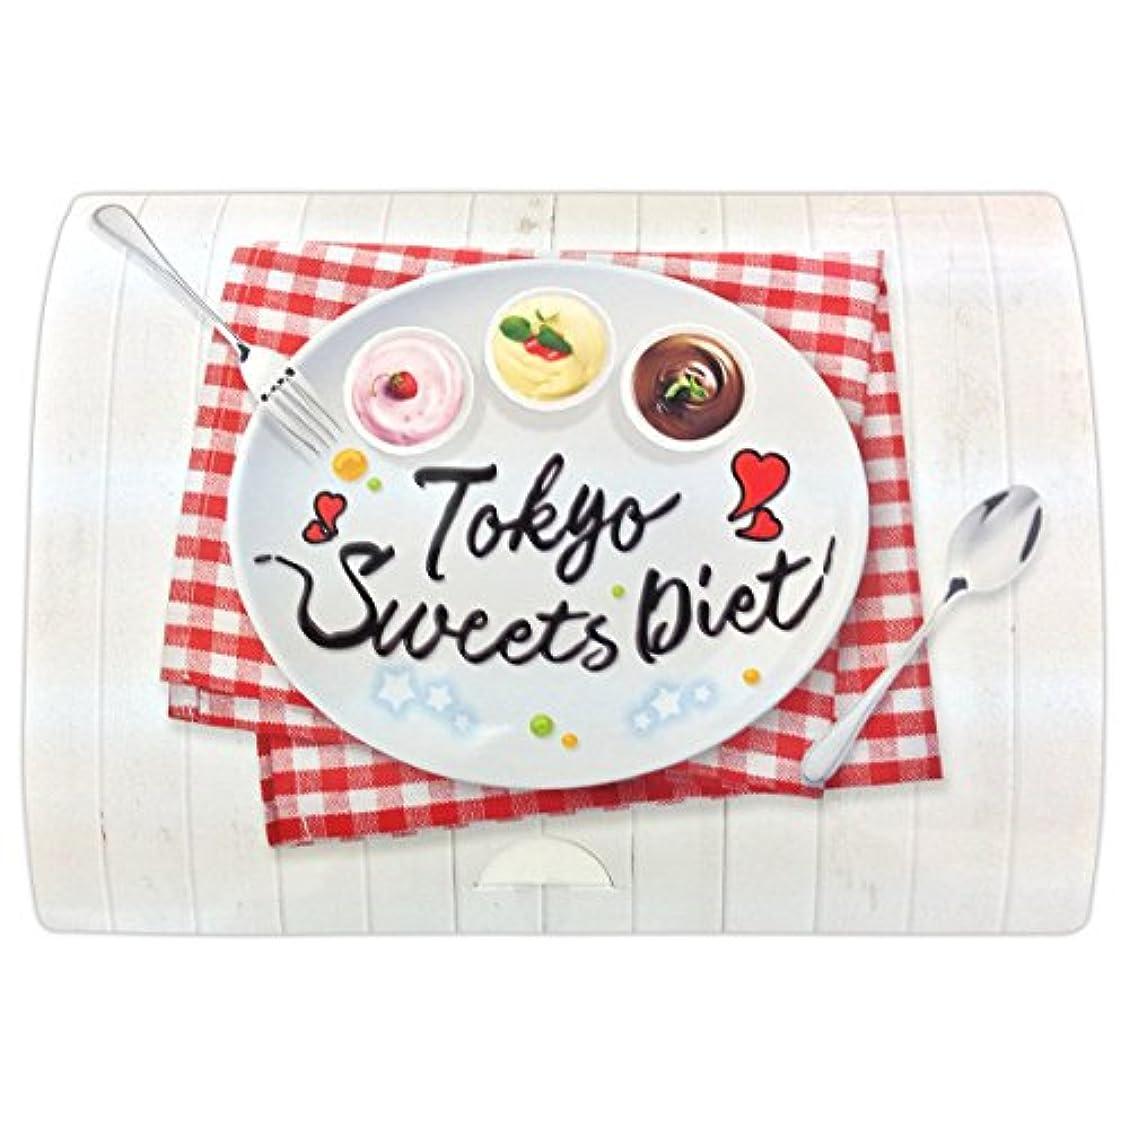 日光換気潤滑するIDEA TOKYOスイーツダイエット 置き換えダイエットスイーツ 15食(1包:15g) ストロベリー味 チョコレート味 プリン味